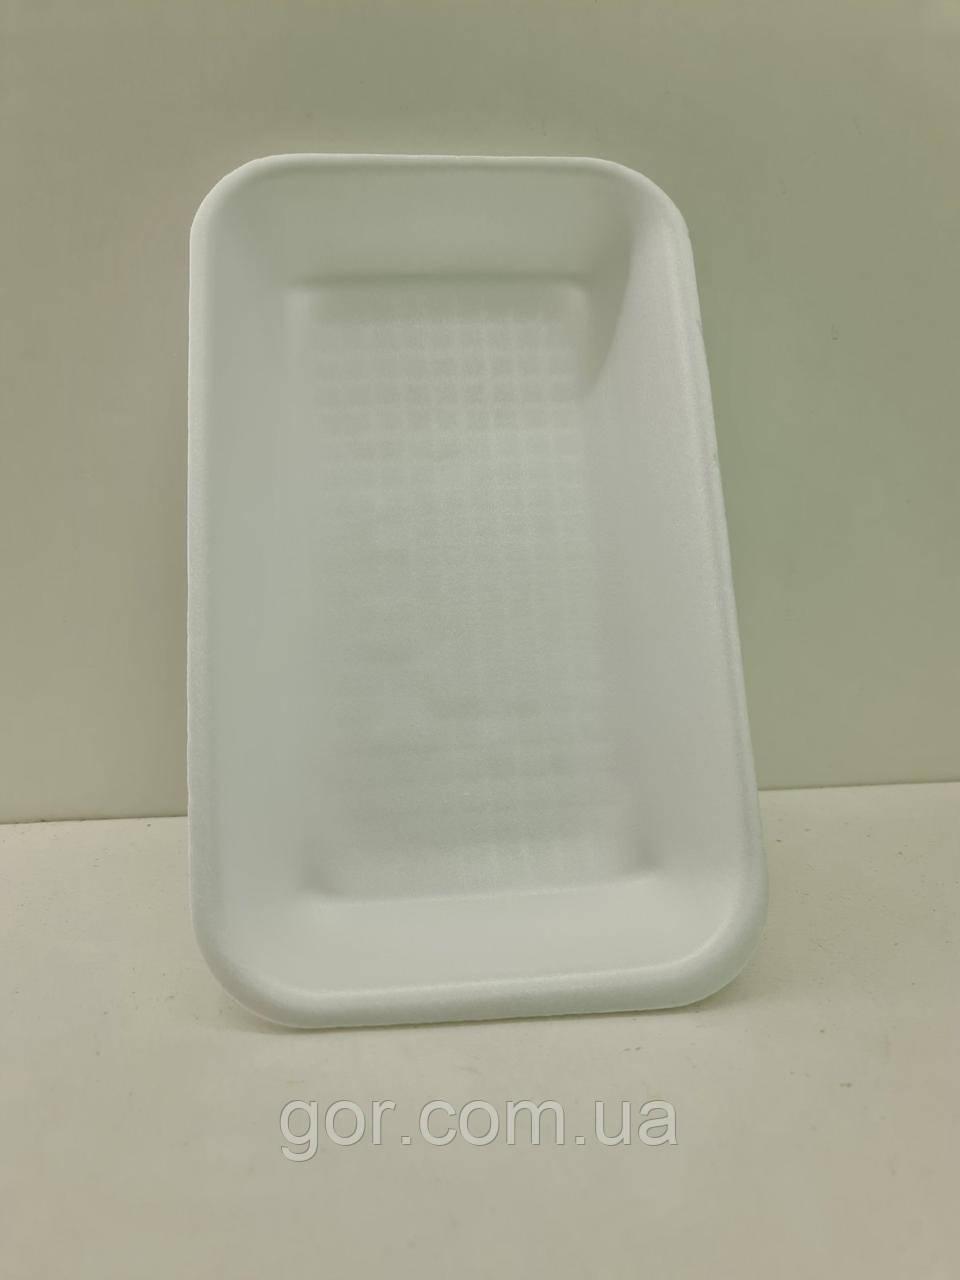 Подложка (лотки) из вспененного полистирола (222*133*33) T-3-33 (200 шт) одноразовый, для упаковки продуктов